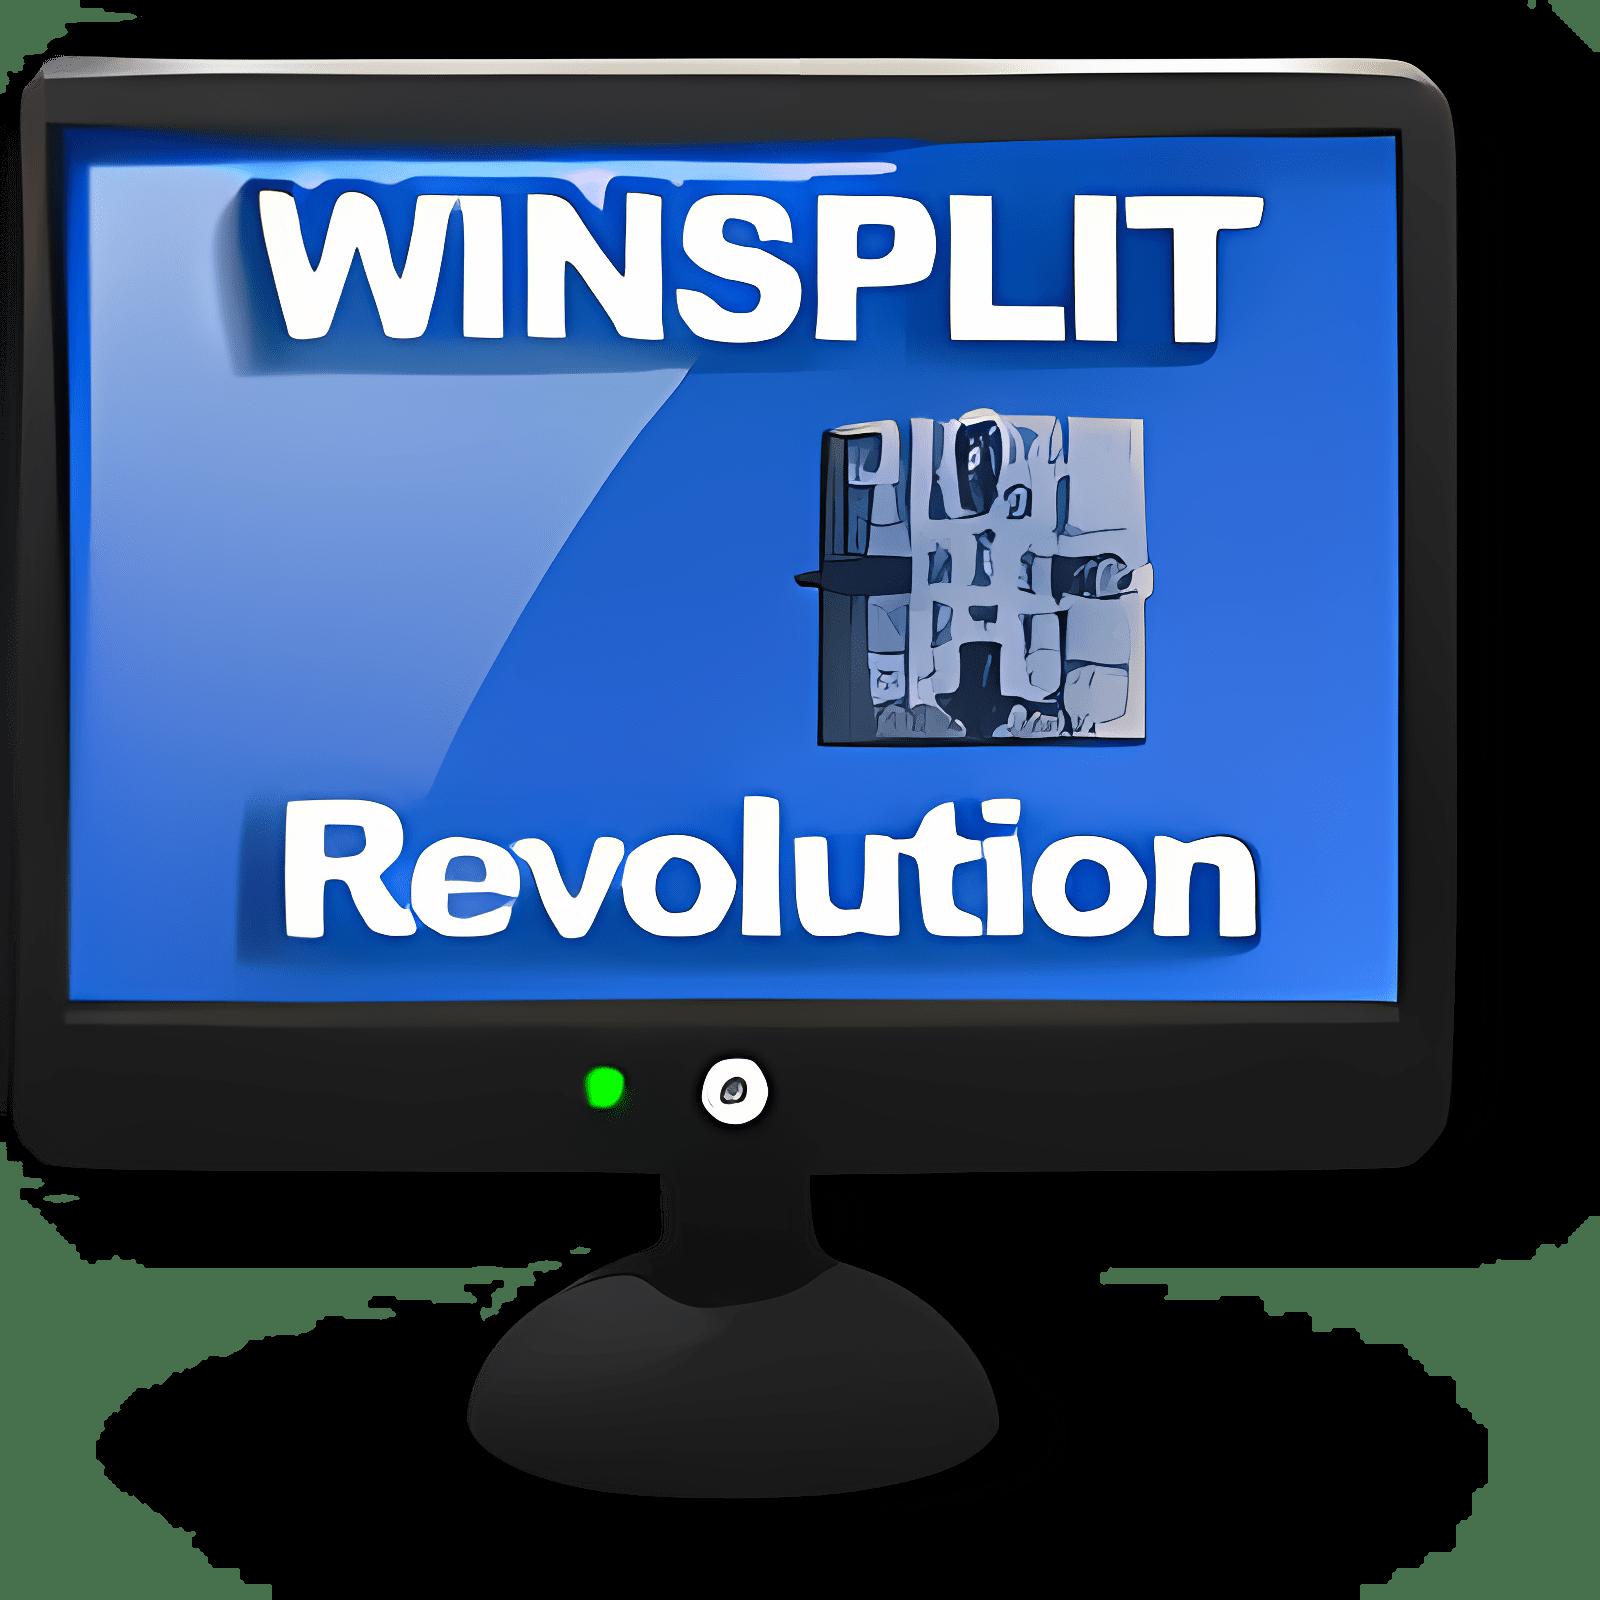 WinSplit Revolution